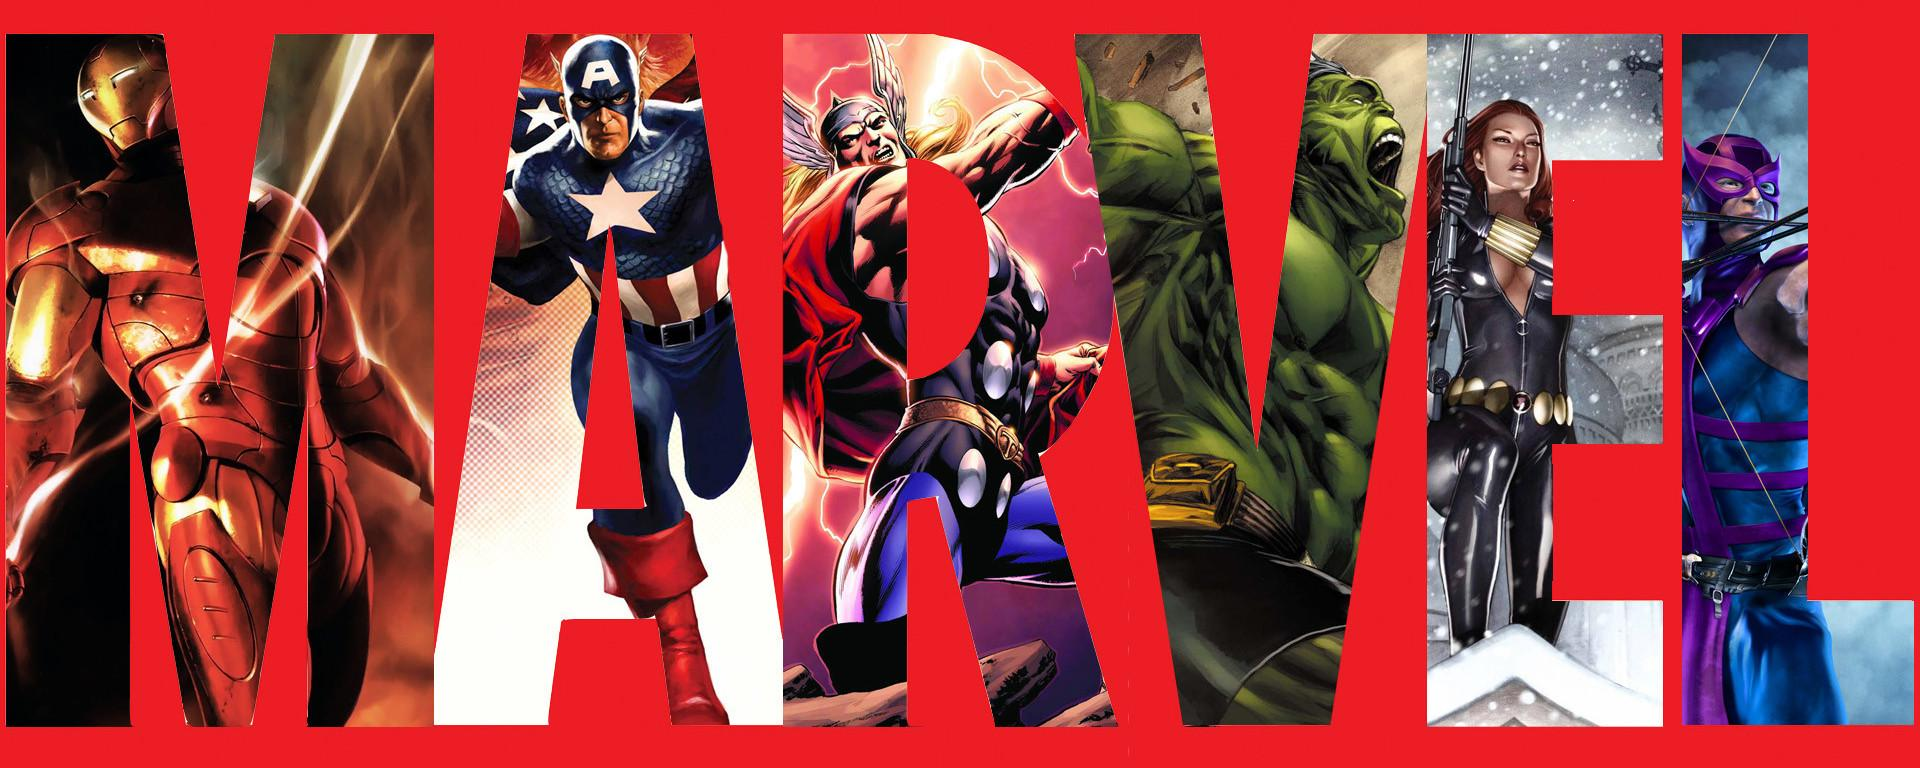 """20 nhân vật """"quá cố"""" để lại nhiều cảm xúc nhất trong vũ trụ điện ảnh Marvel"""